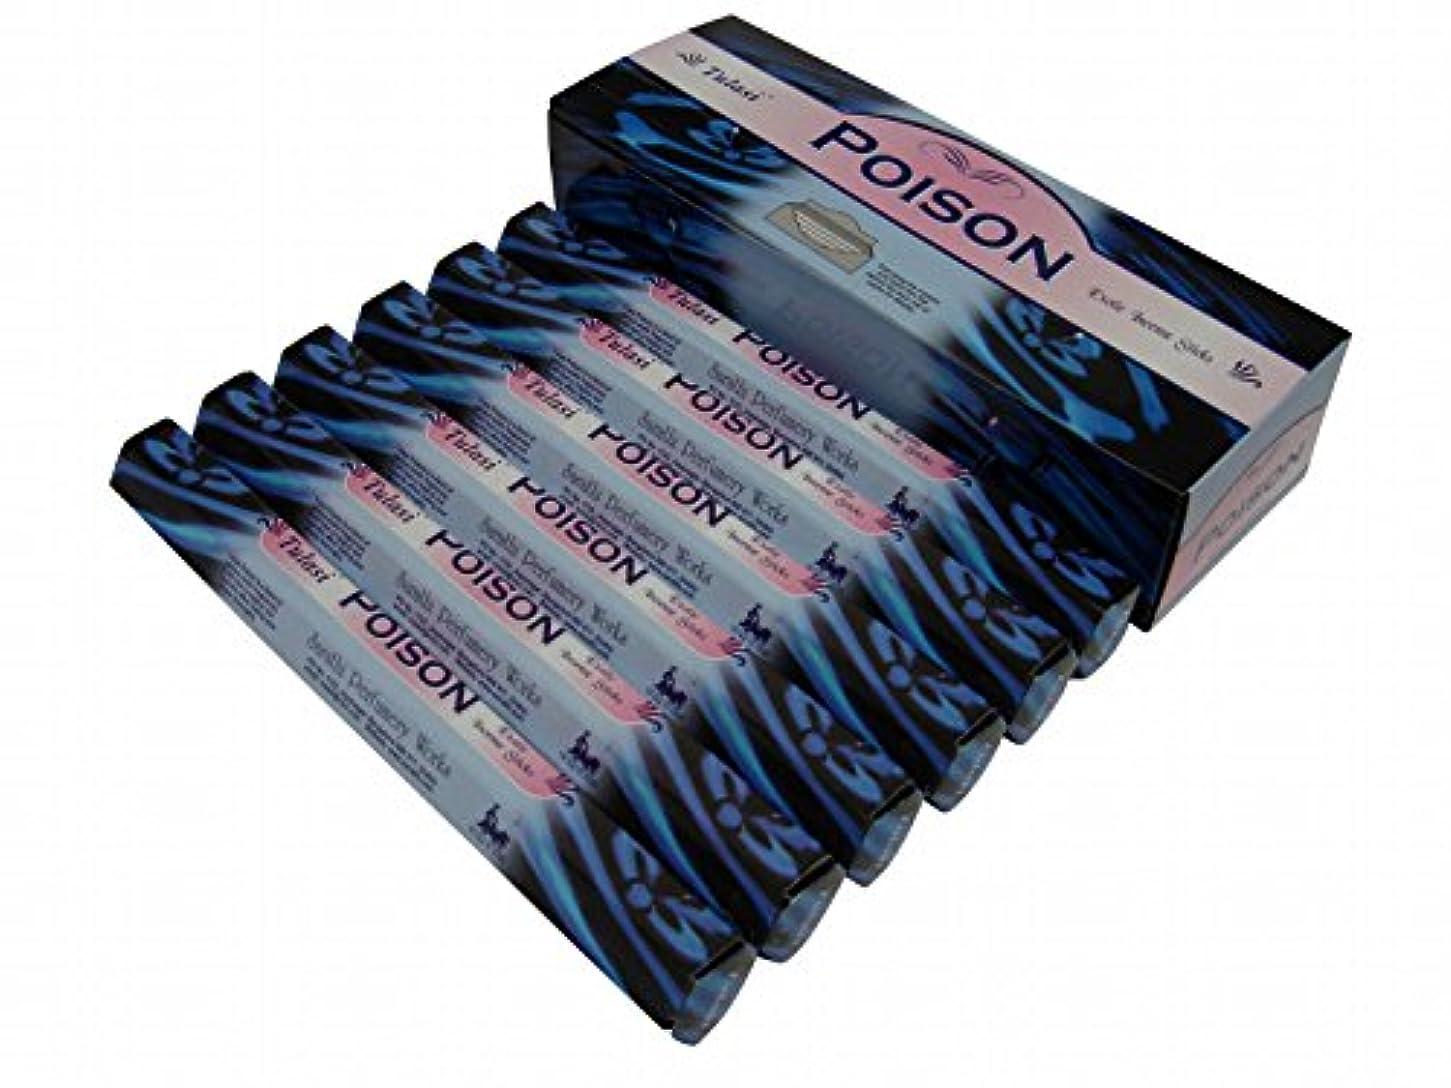 主権者落ち着くアソシエイトTULASI(トゥラシ) ポイズン香 スティック POISON 6箱セット